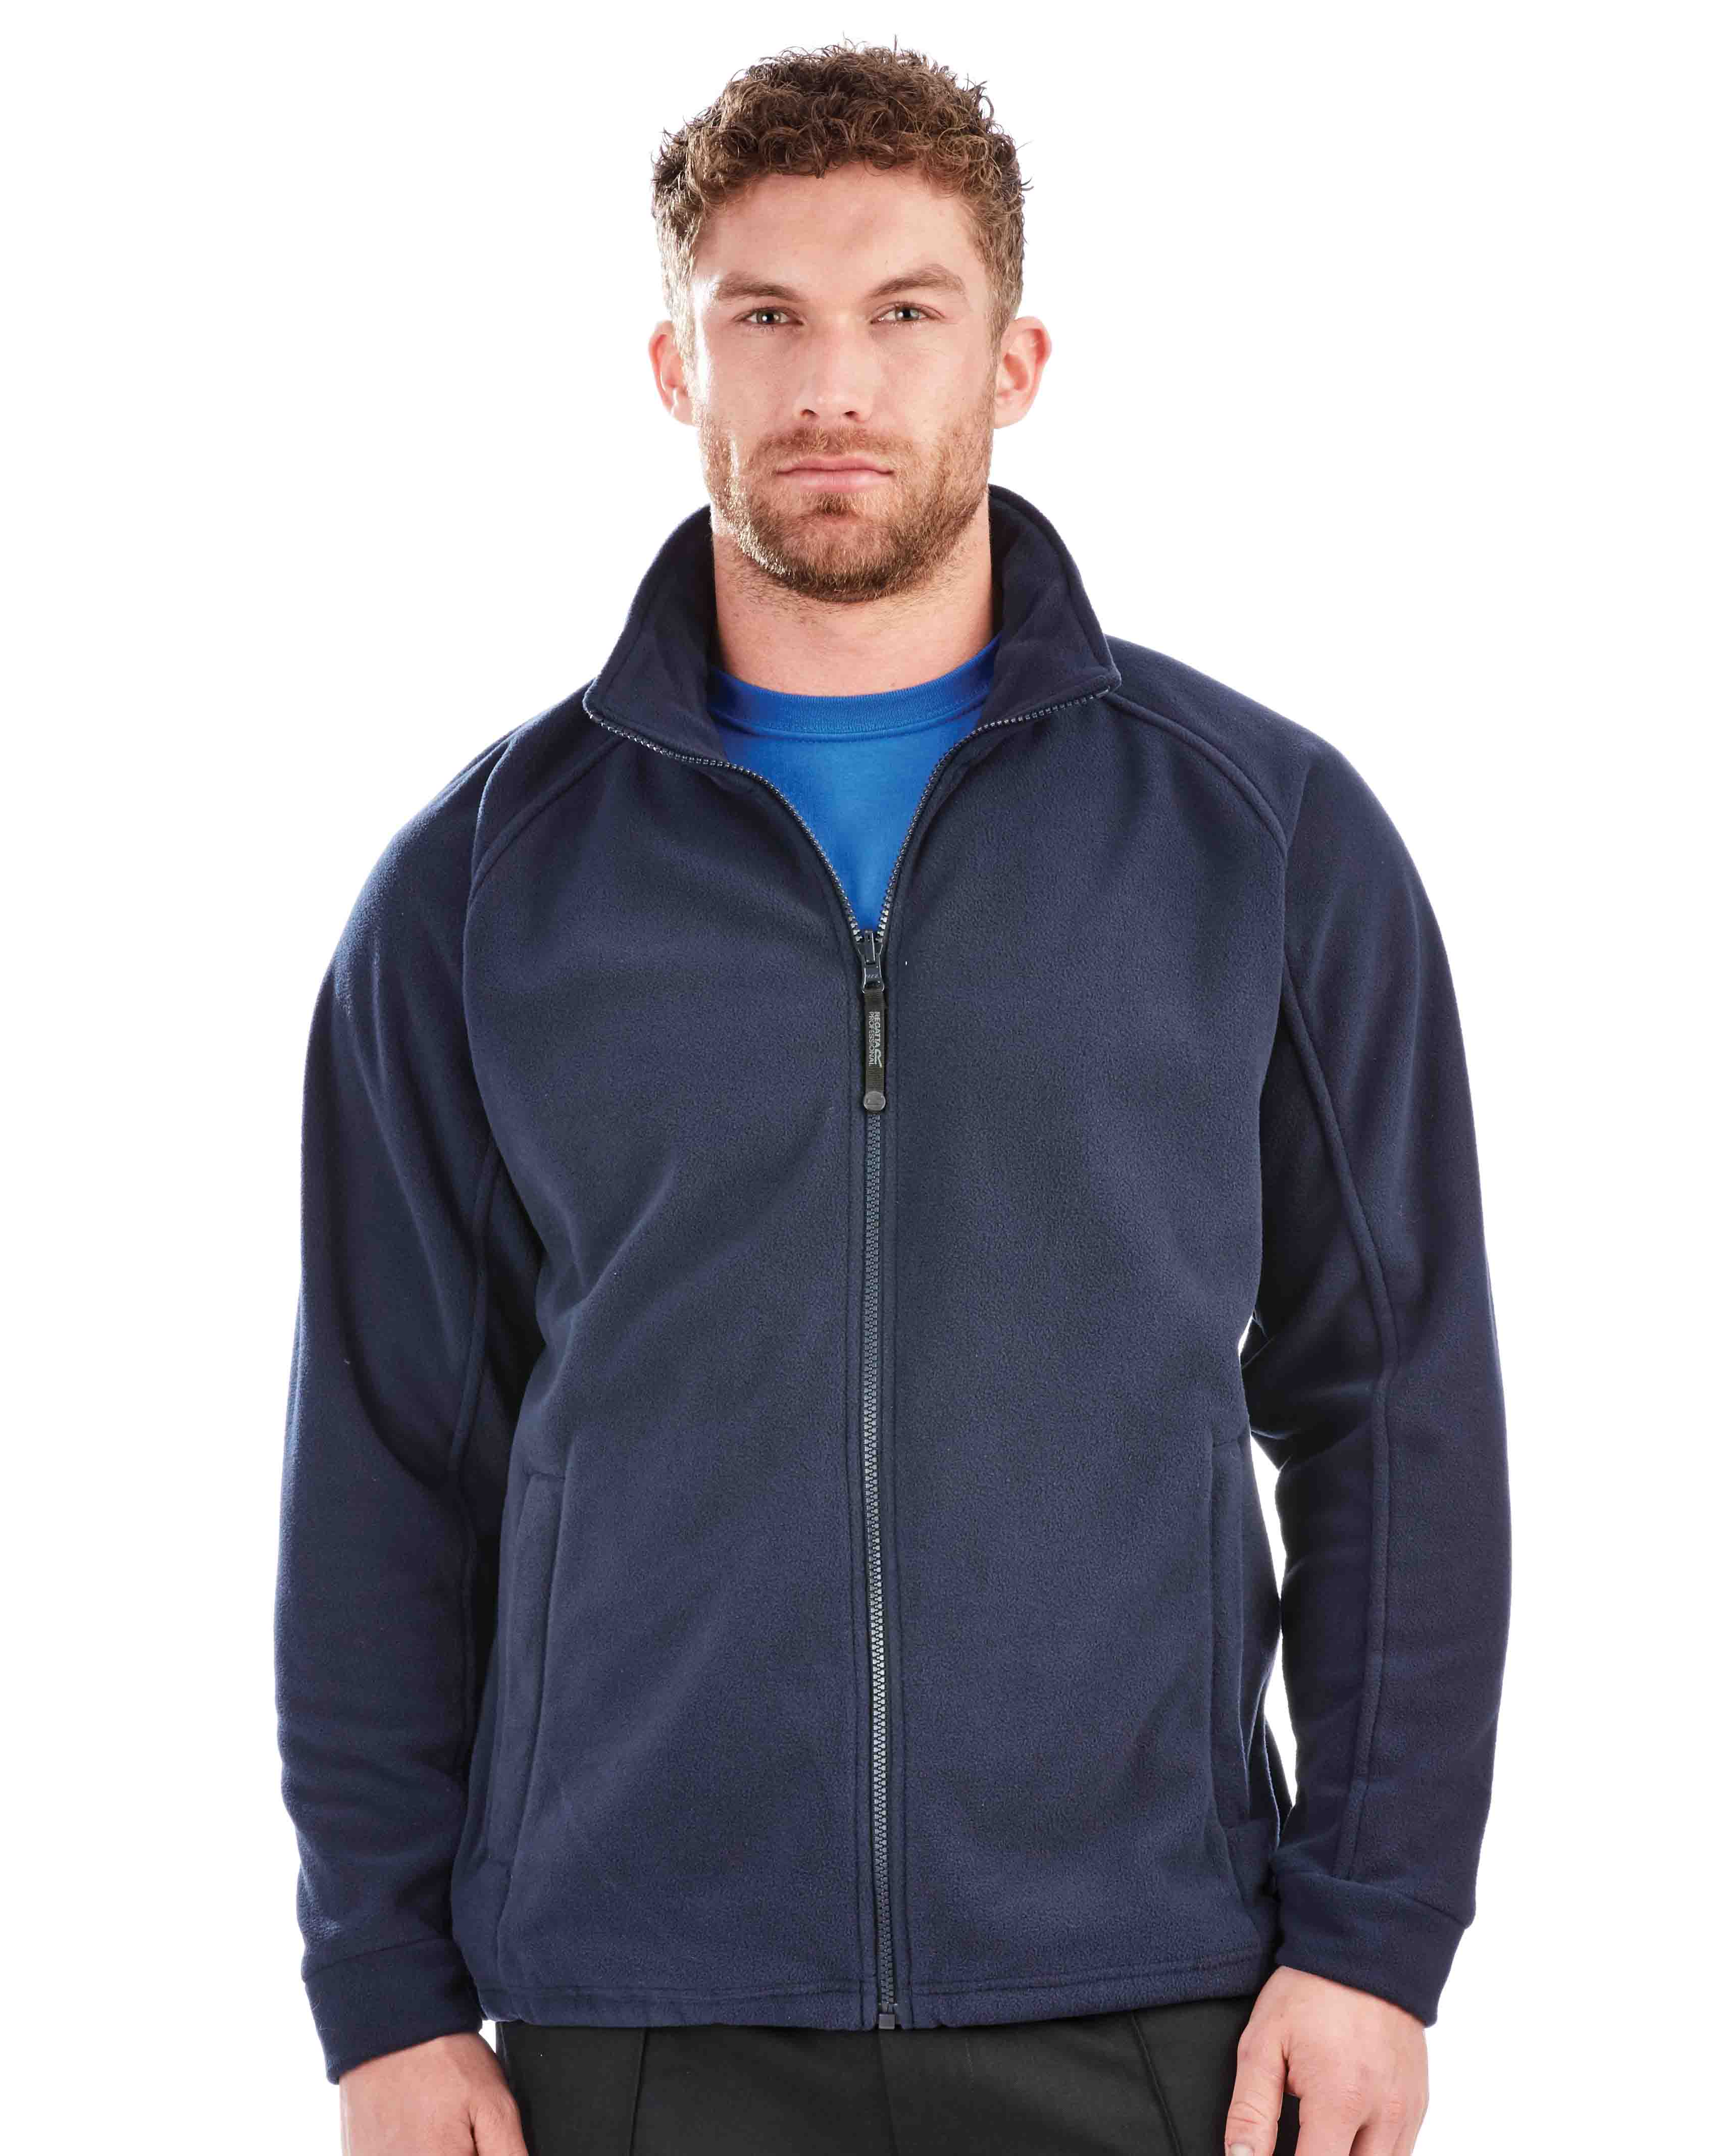 Men's Mid Weight Fleece Jacket